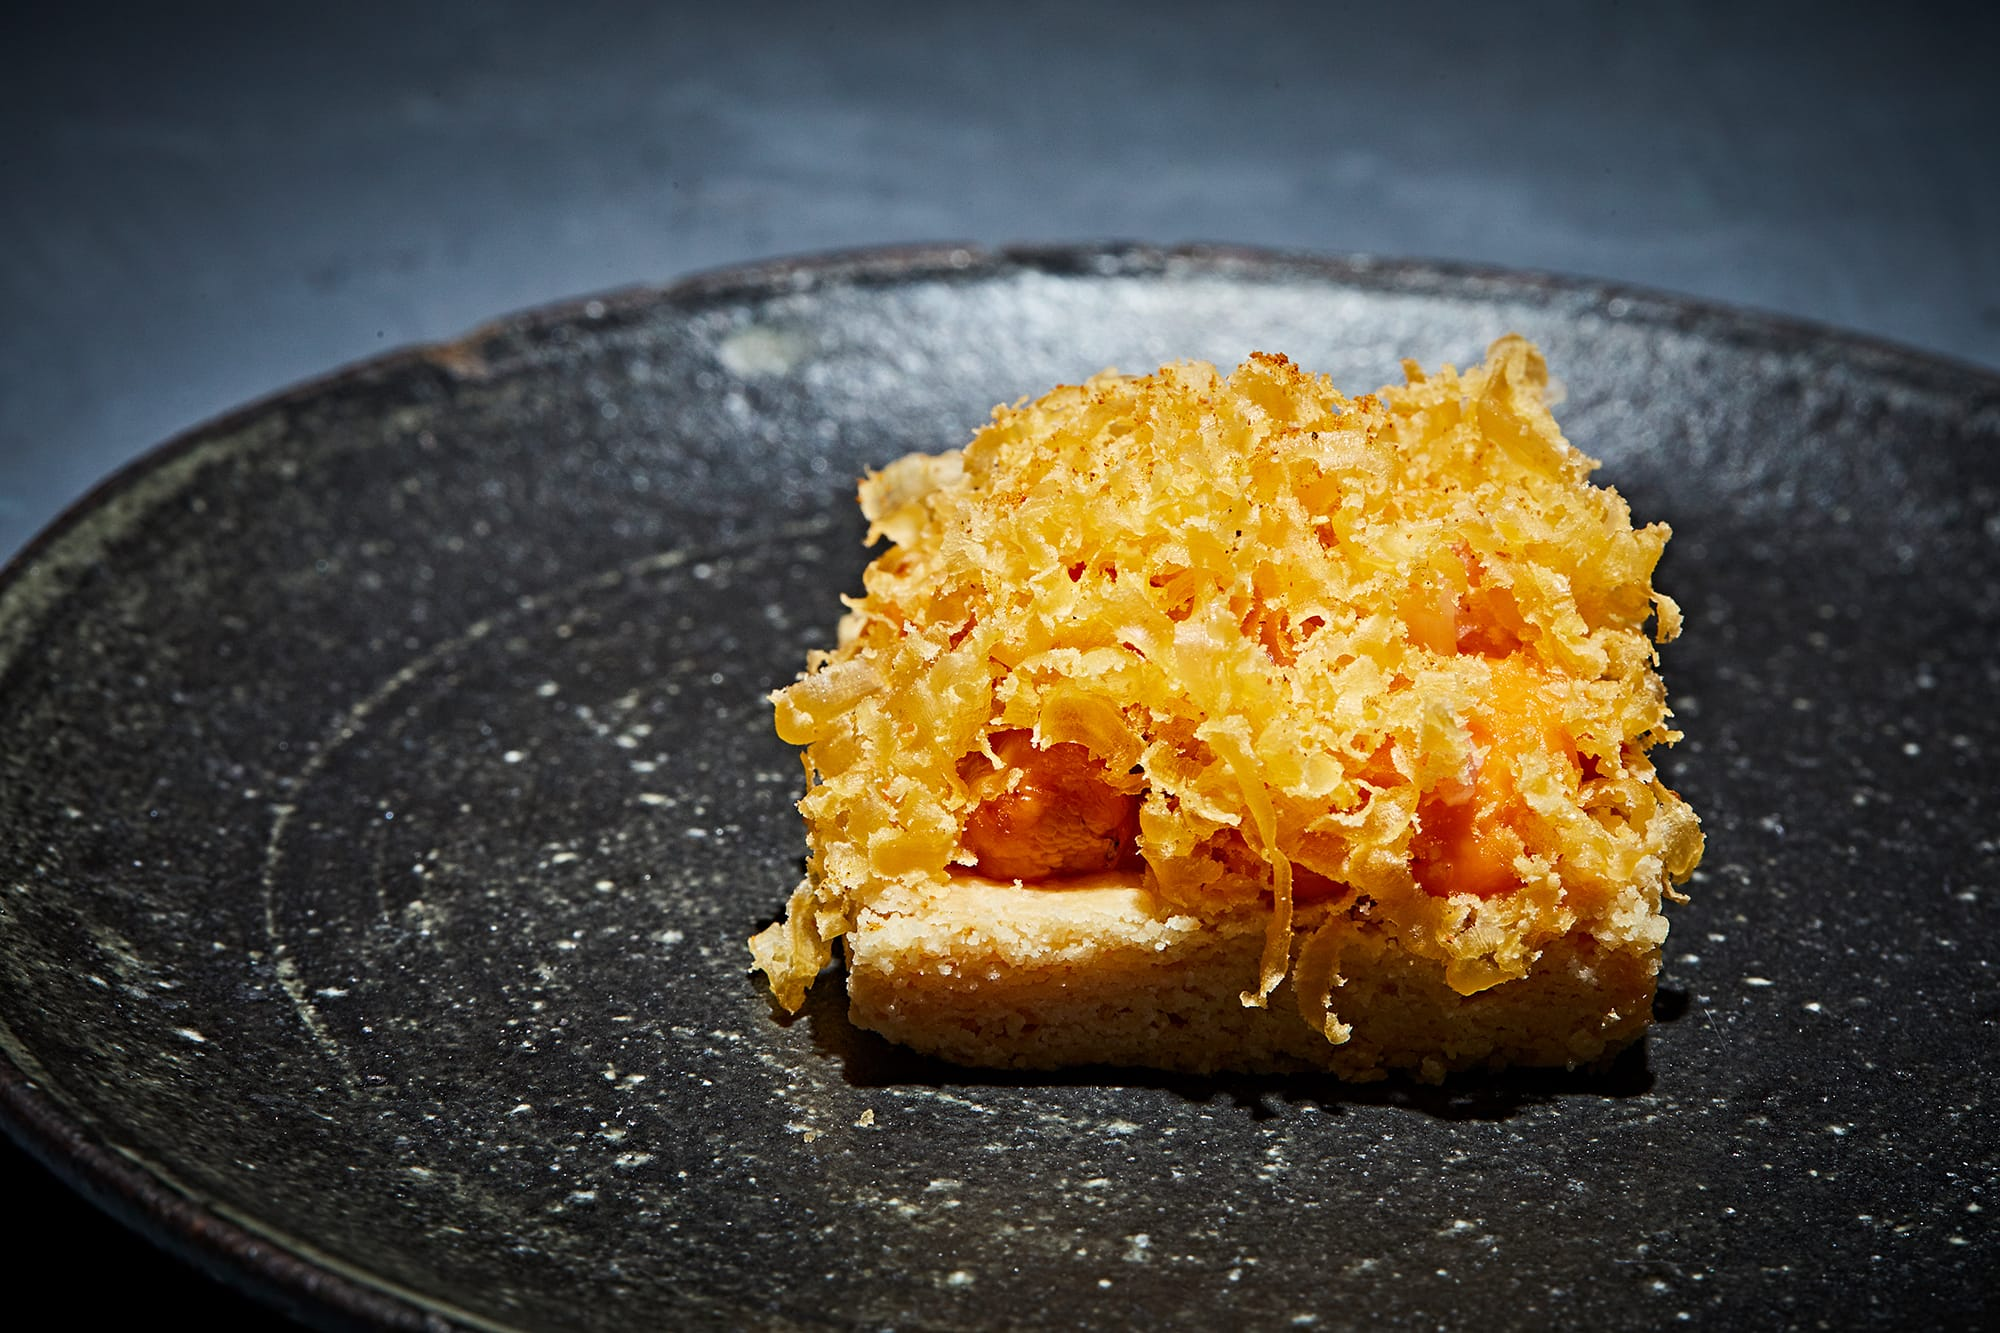 「été」のシグネチャー料理であるウニのタルト。パティシエとしての確かな技術は、これ以上ないほどにサクサクと香ばしい生地に生きている。